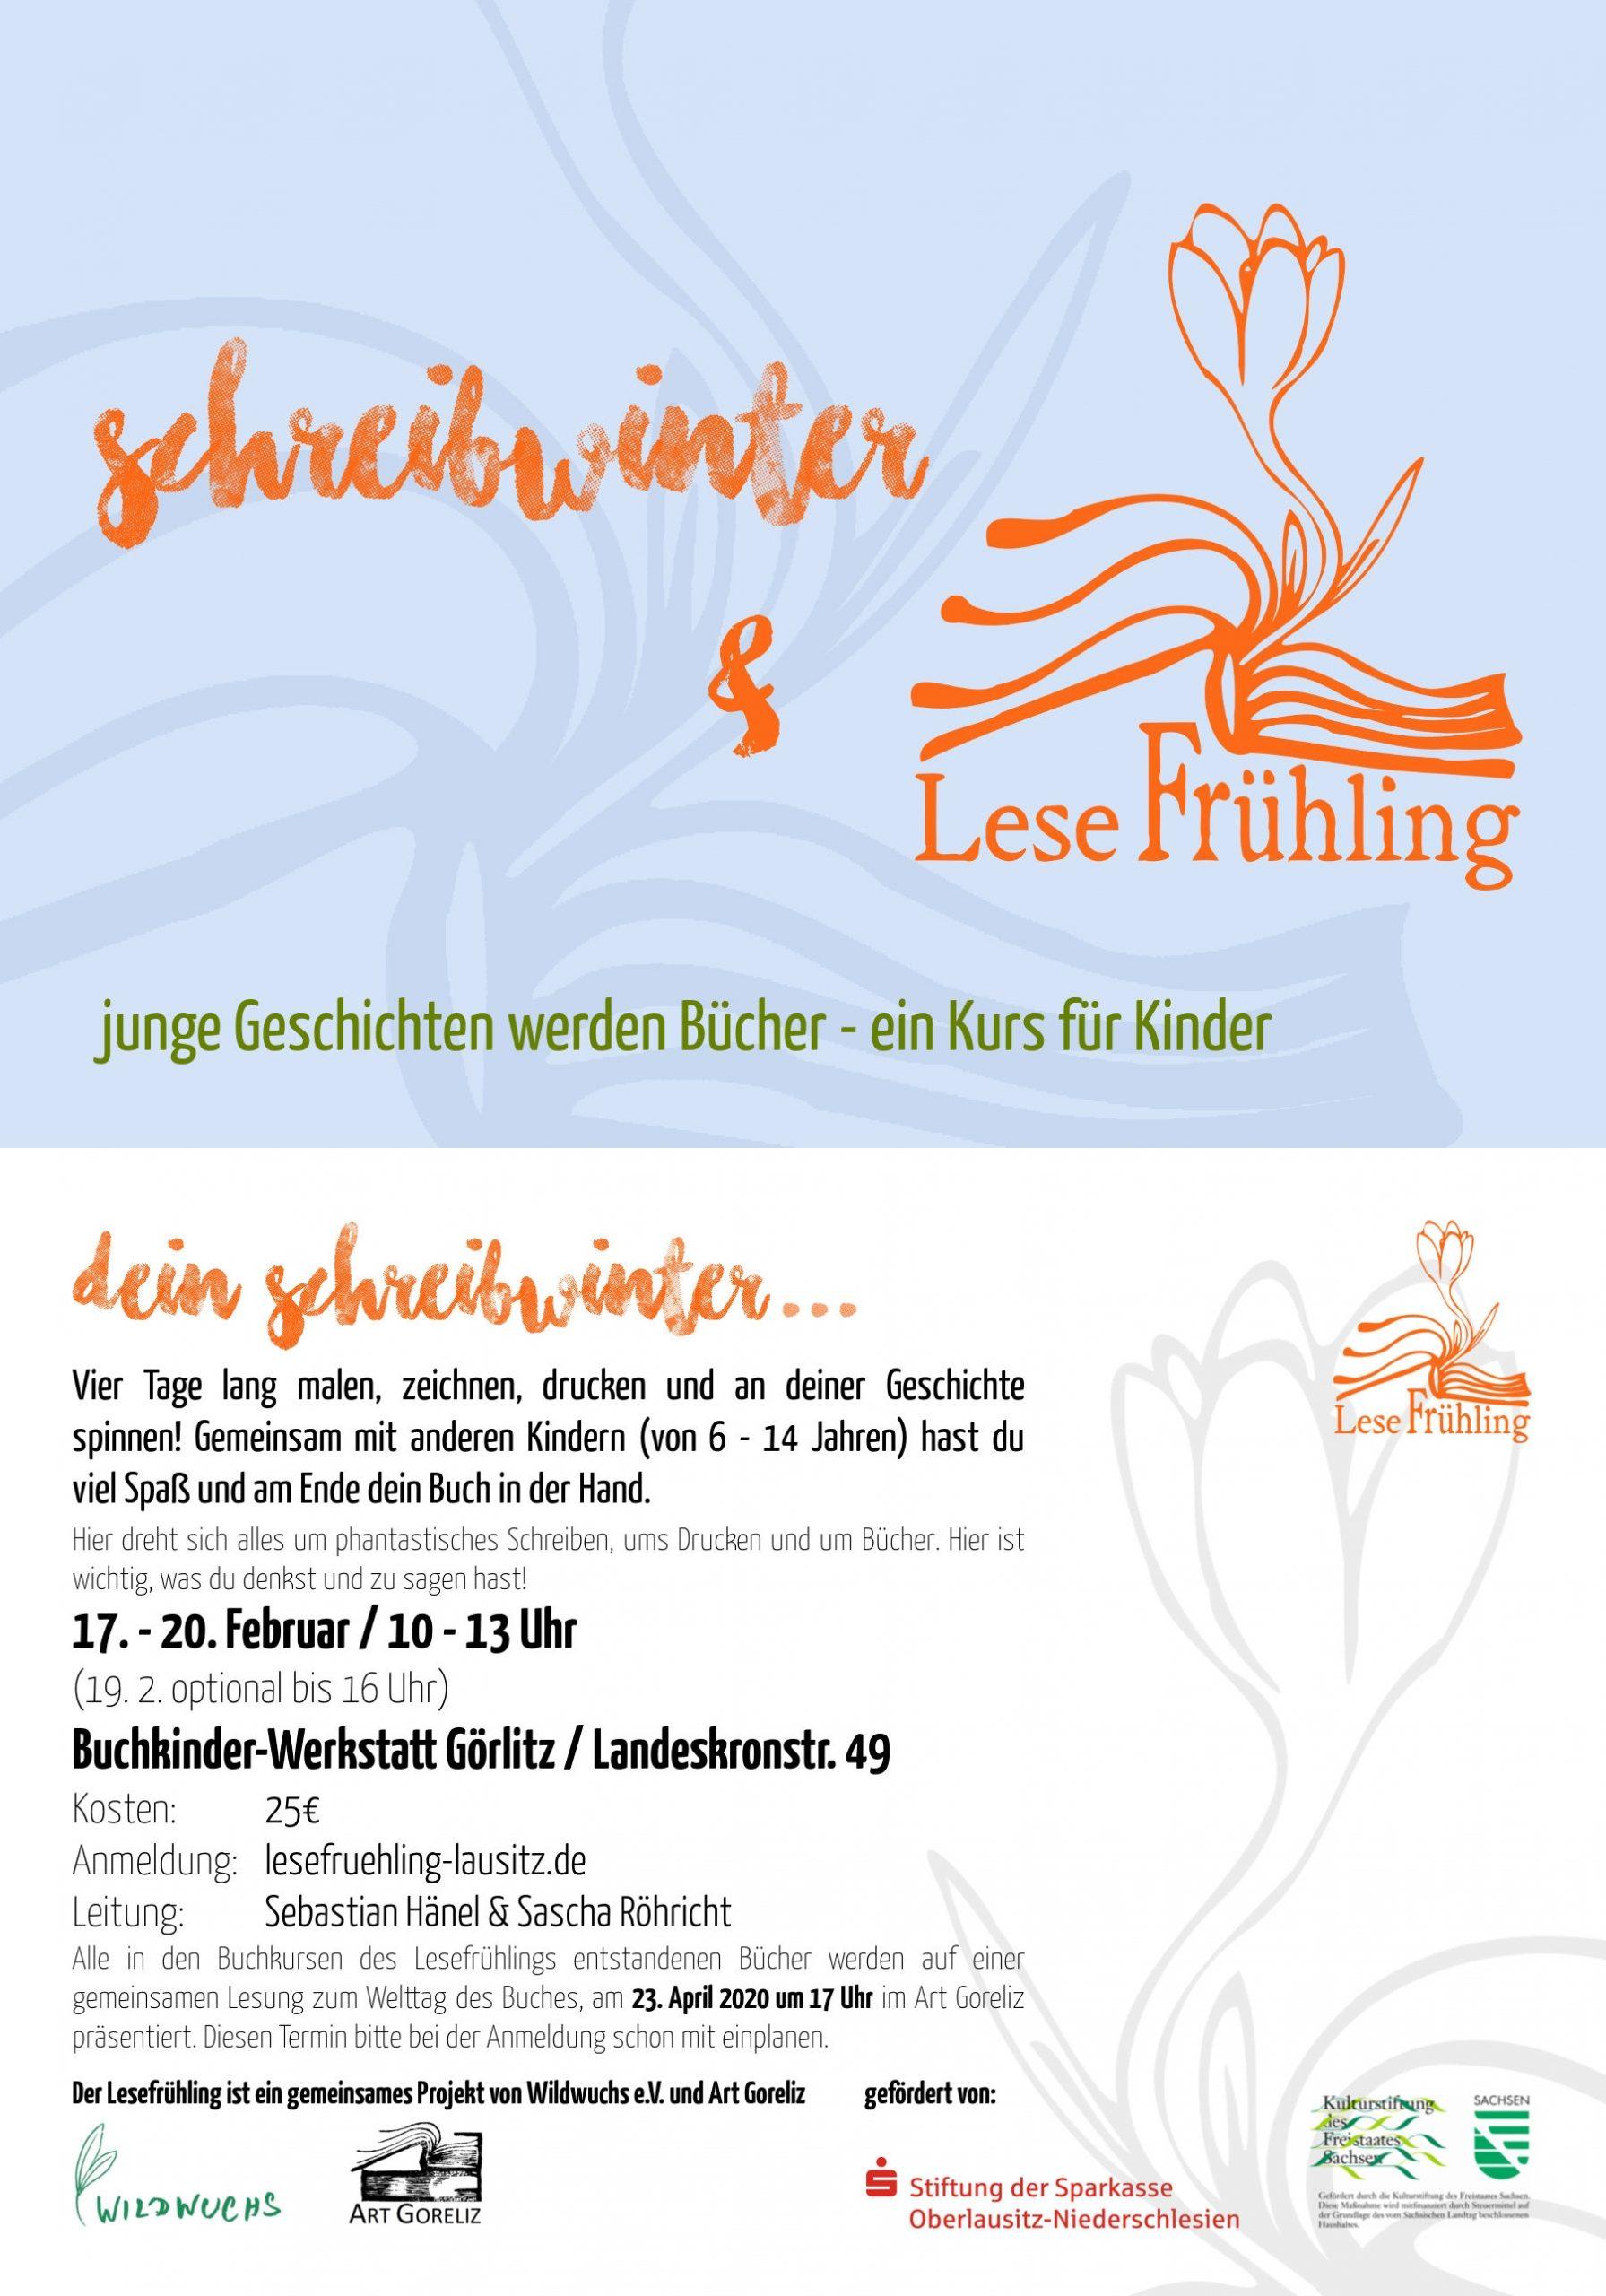 Schreibwinter & Lesefrühling